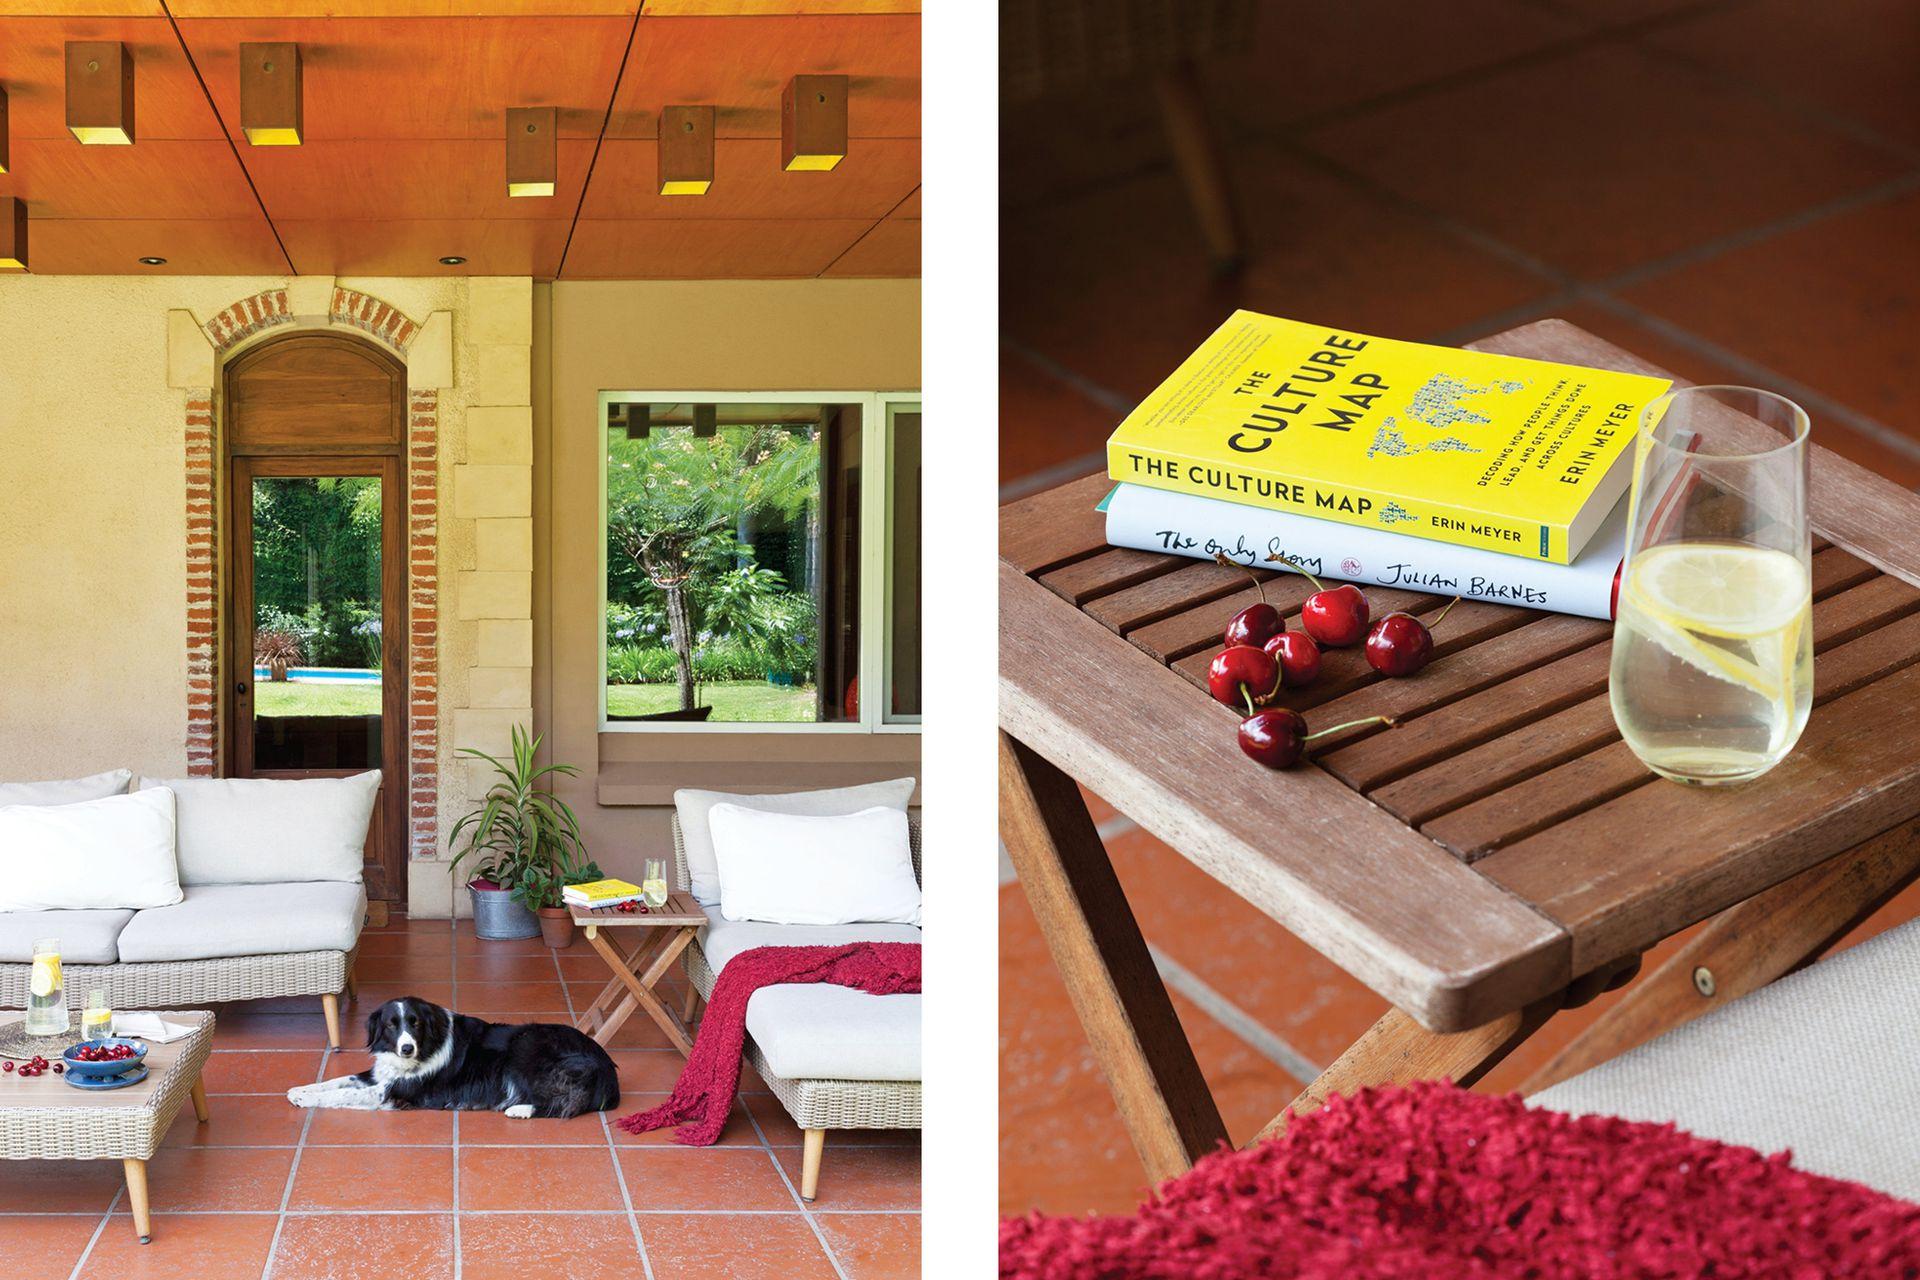 La galería tiene un sector living, con mesa baja, perfecta para meriendas y desayunos al fresco.